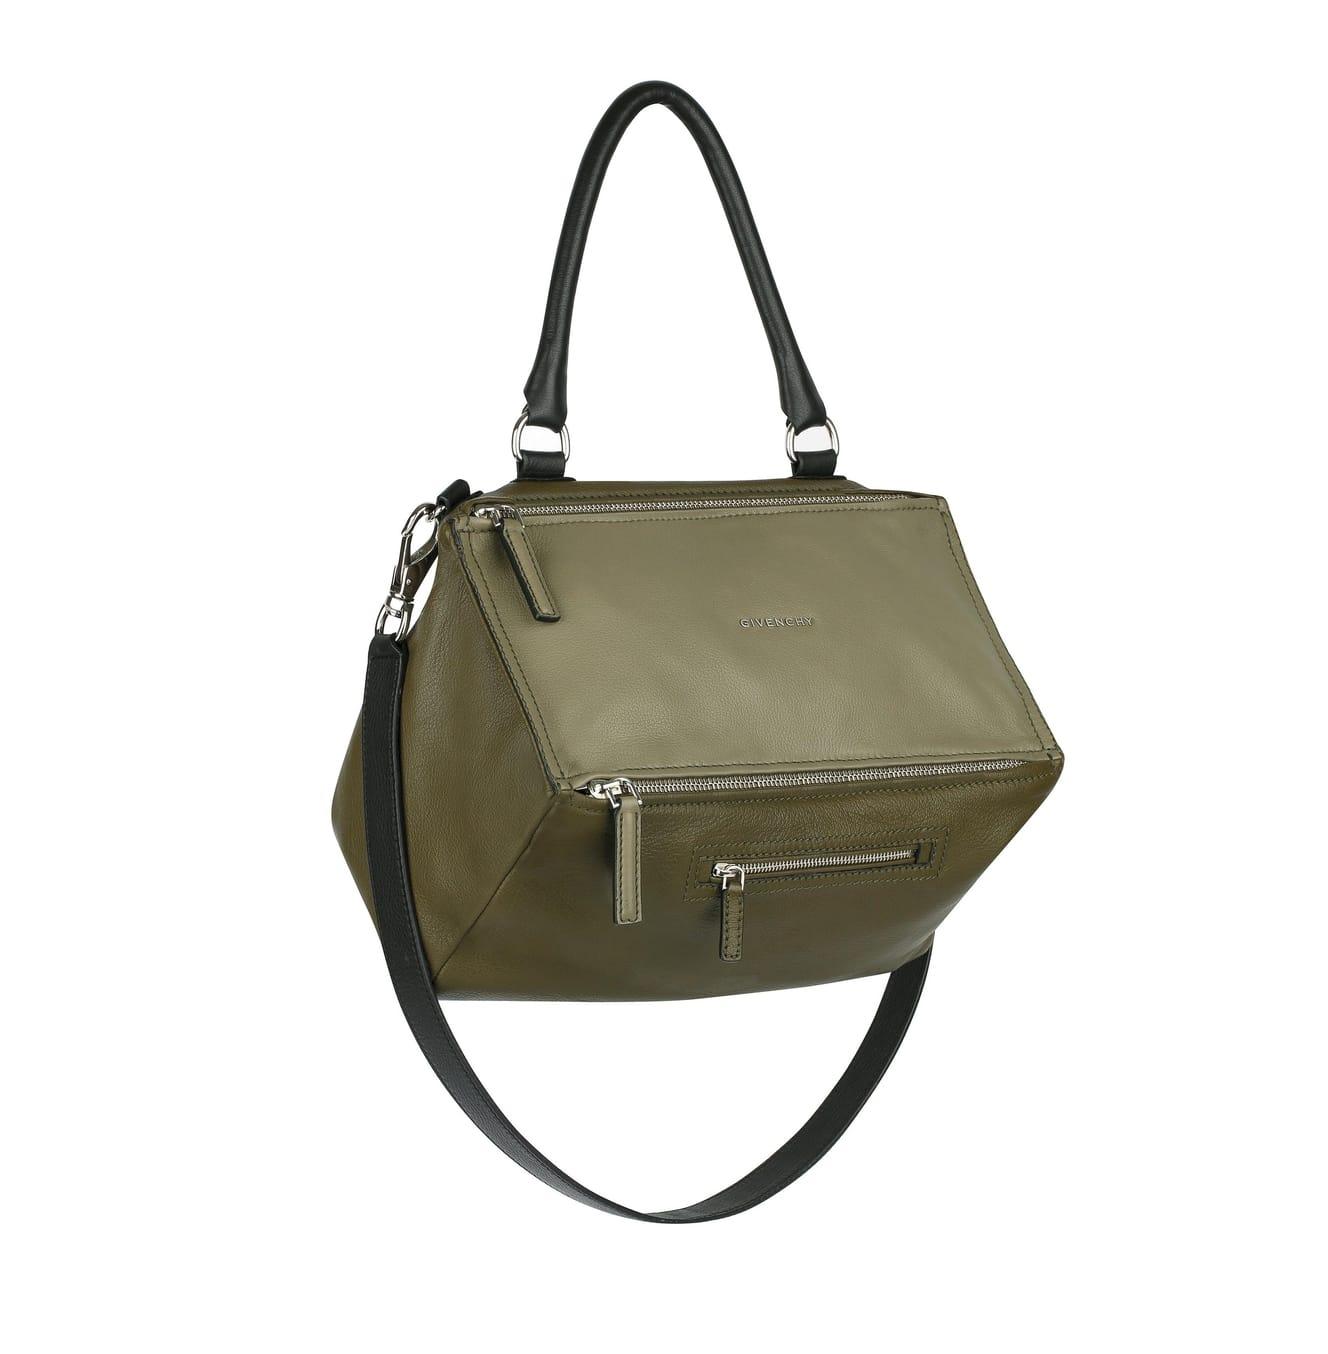 Givenchy Pandora Bag Reference Guide  ac4f51a1de043